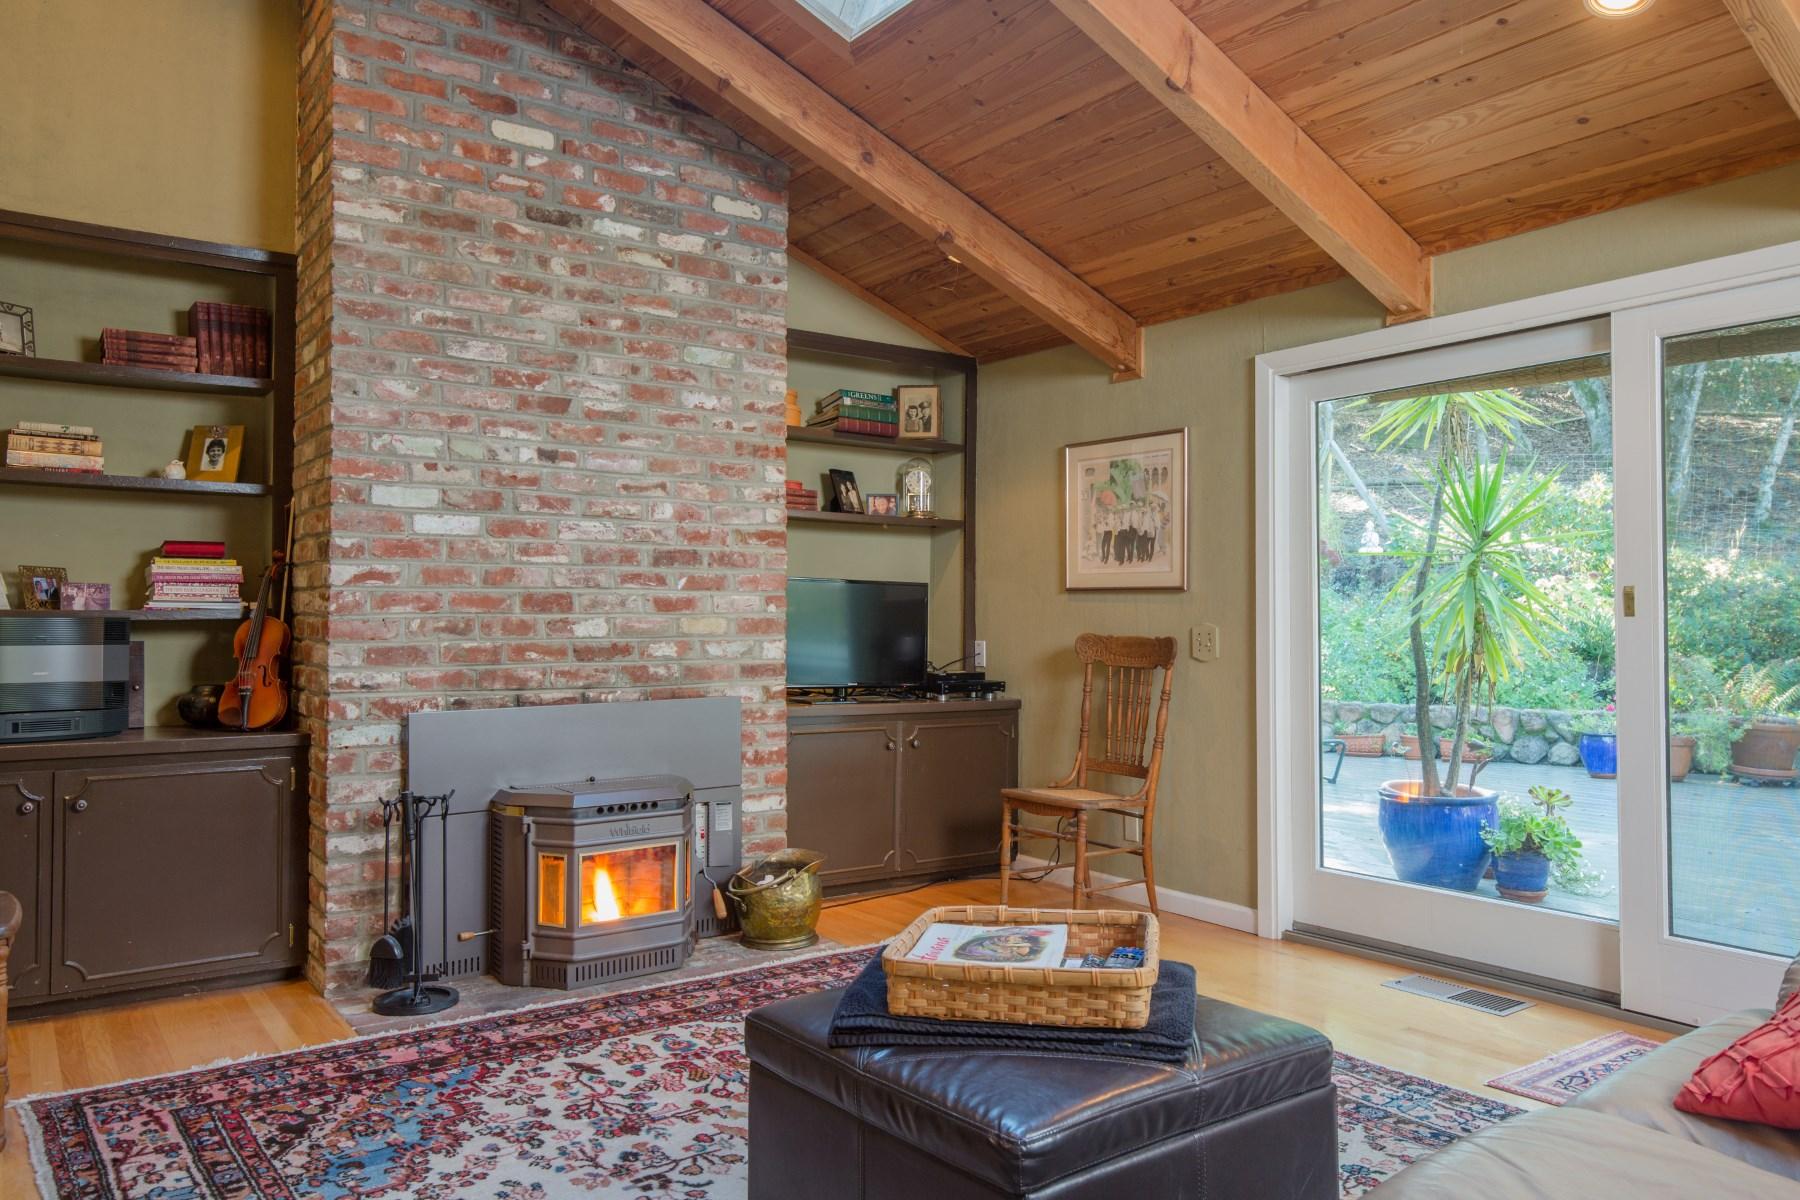 단독 가정 주택 용 매매 에 Peaceful Setting With Beautiful Vistas 4764 Wildwood Ln Sonoma, 캘리포니아, 95476 미국